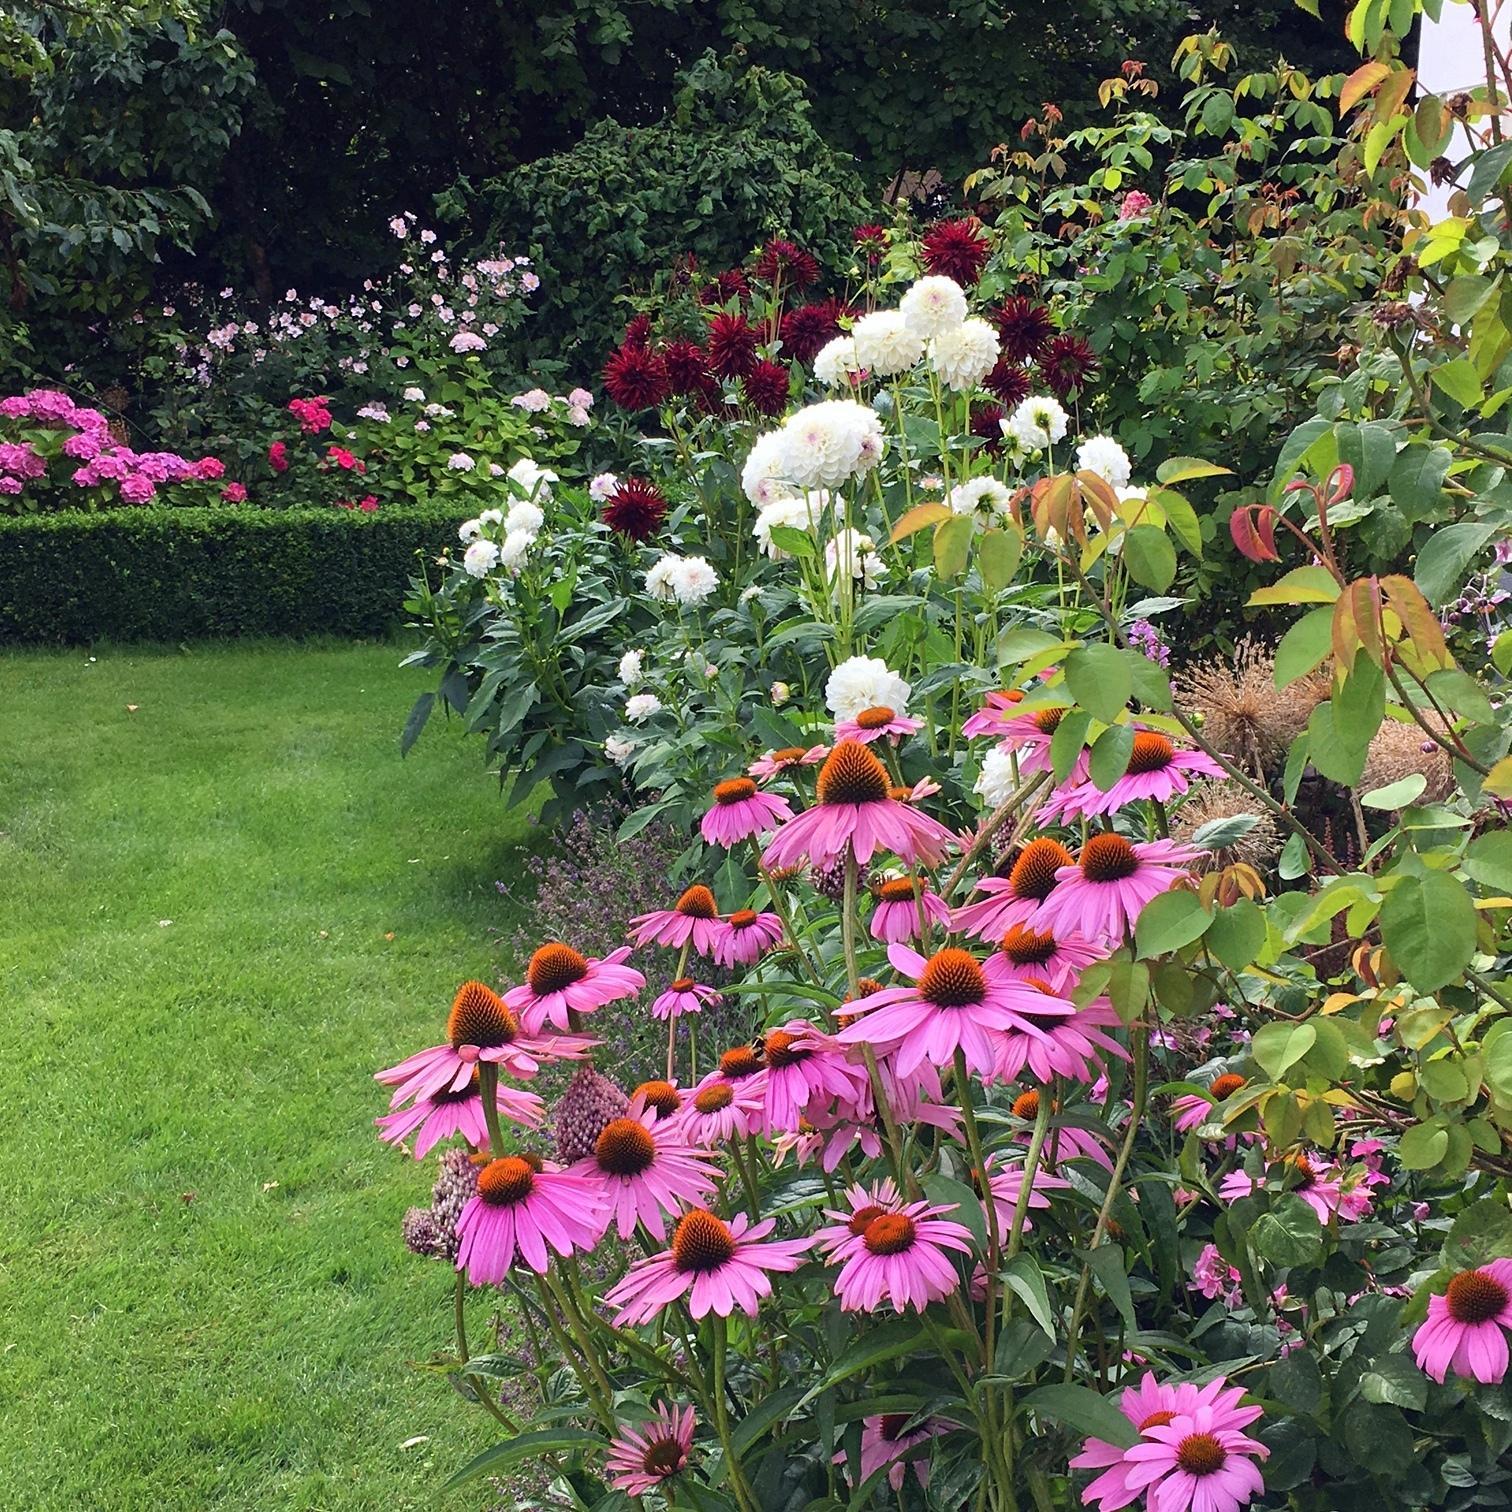 Záhrada,ktorá ťa nikdy neomrzí...divoká a krásna - Obrázok č. 70